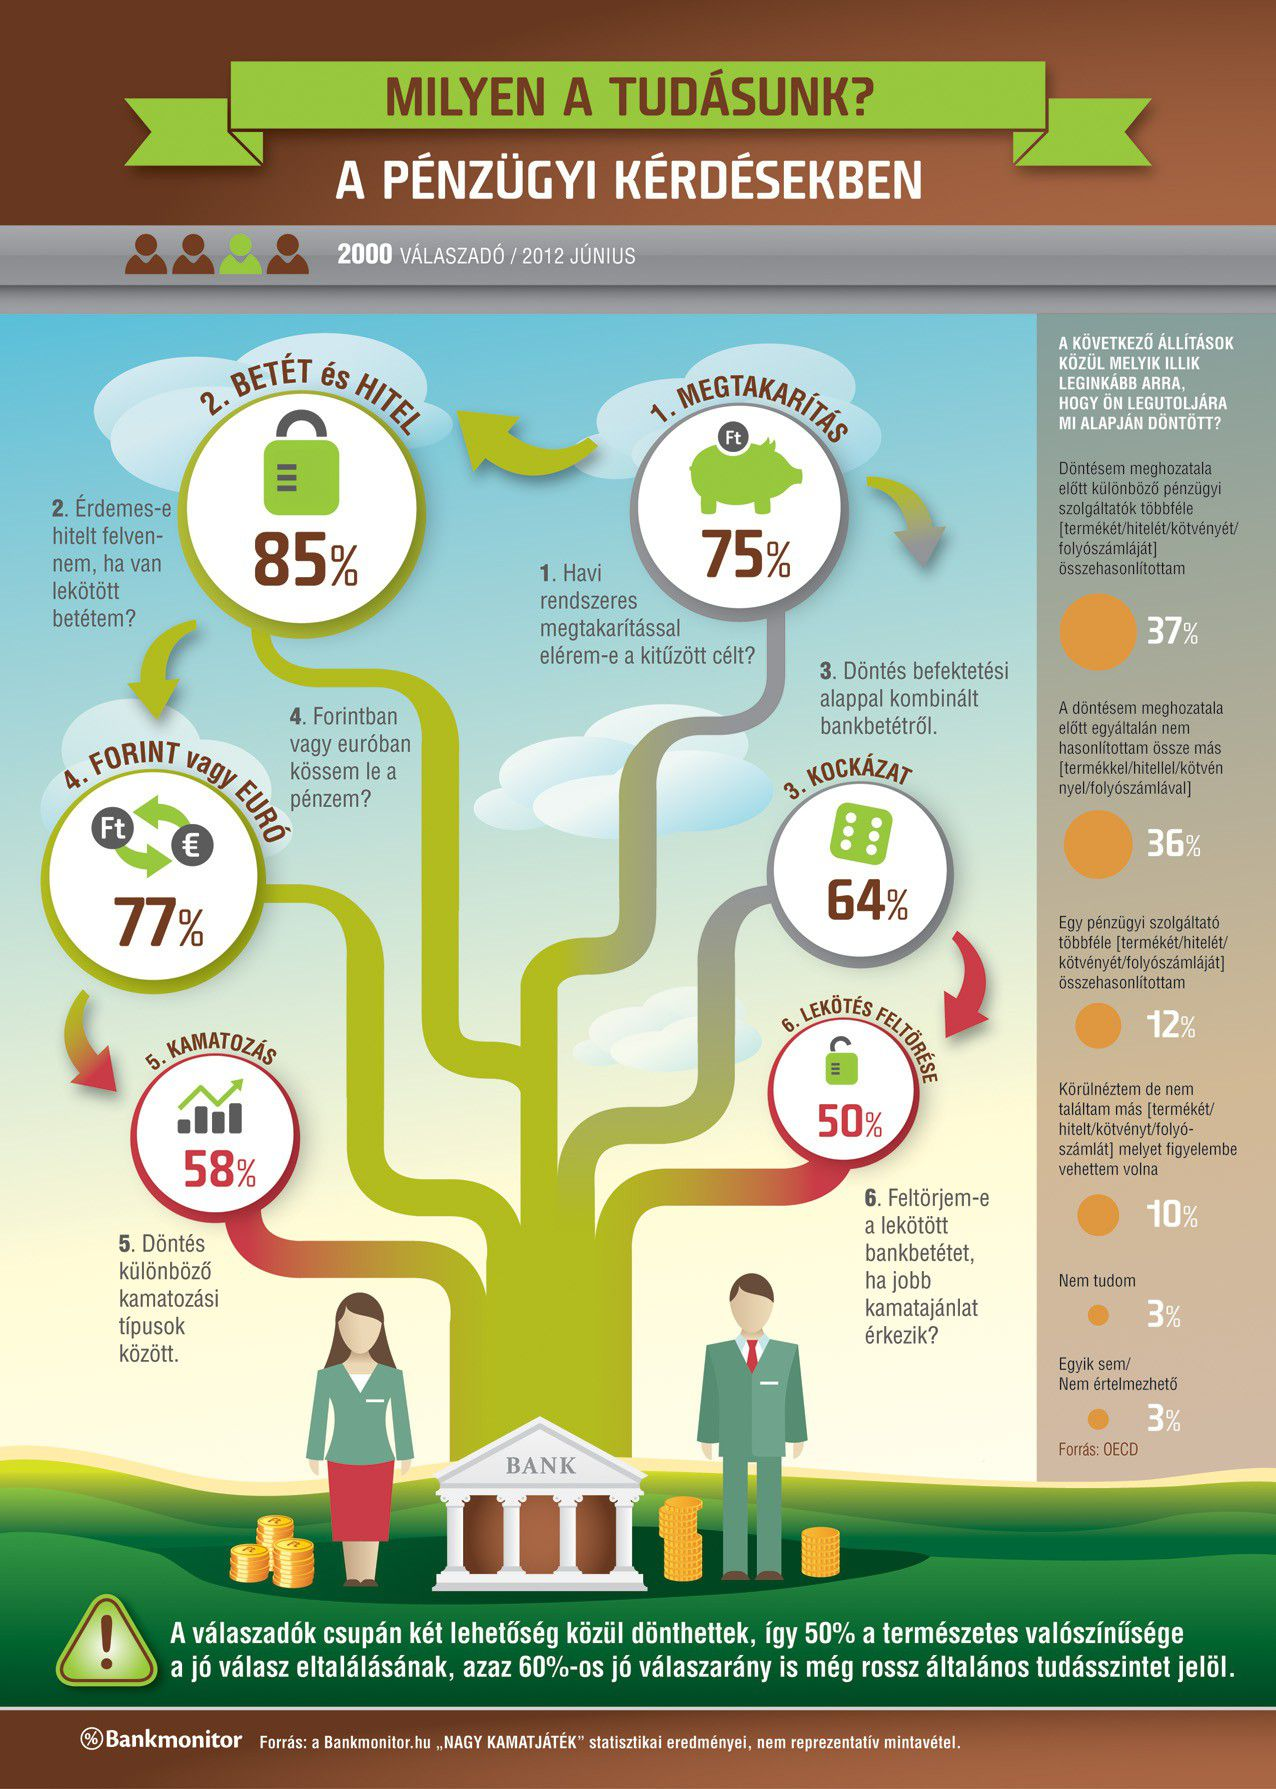 Egy gyönyörű infografika a pénzügyi tudásunkról